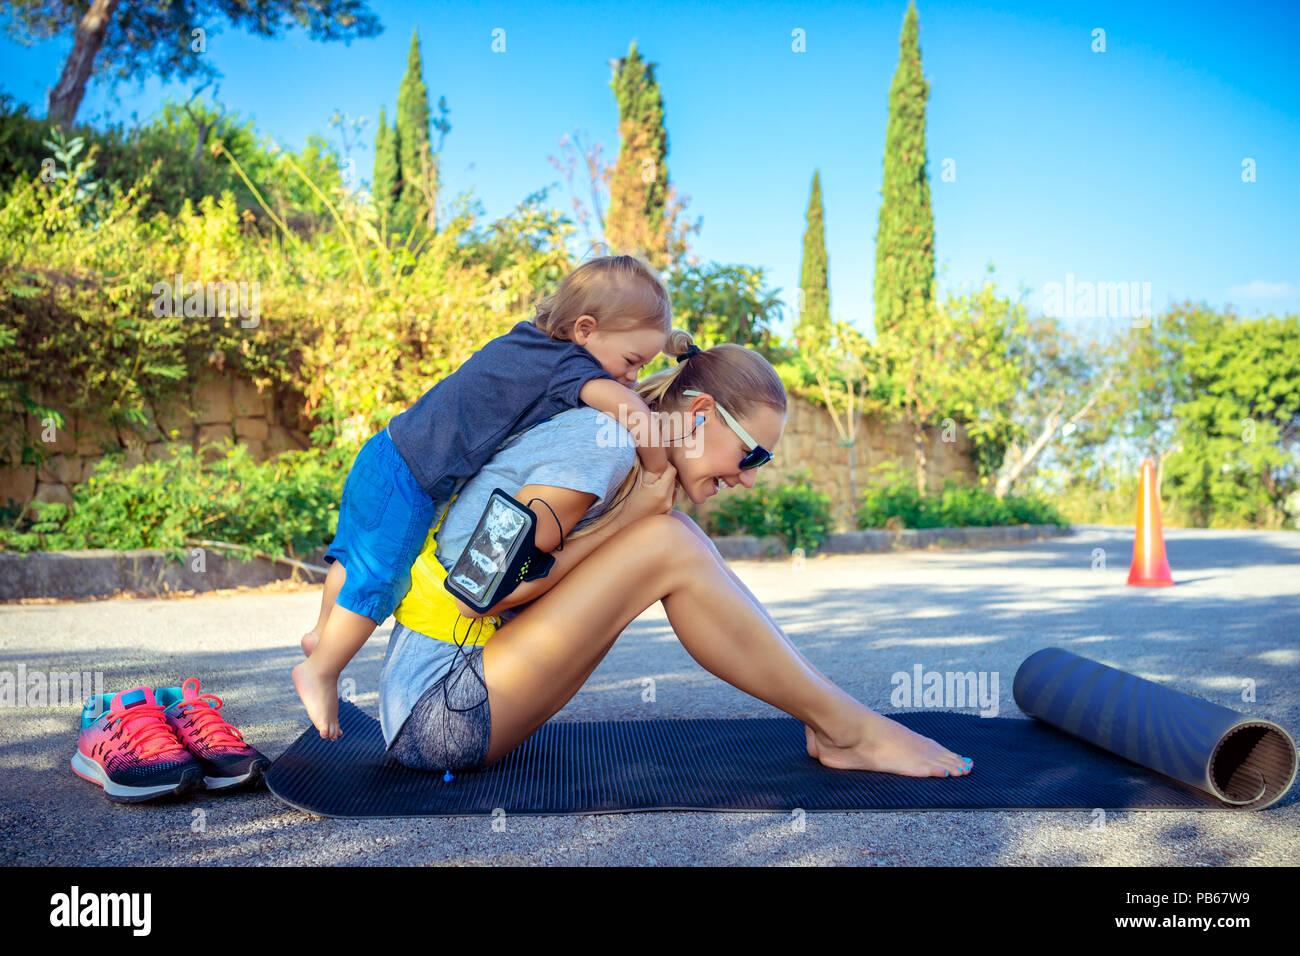 Maman et son fils jouer jeux sports un dans le parc aux beaux jours de l'été, heureux de l'enfance active, une bonne famille aimante concept Photo Stock